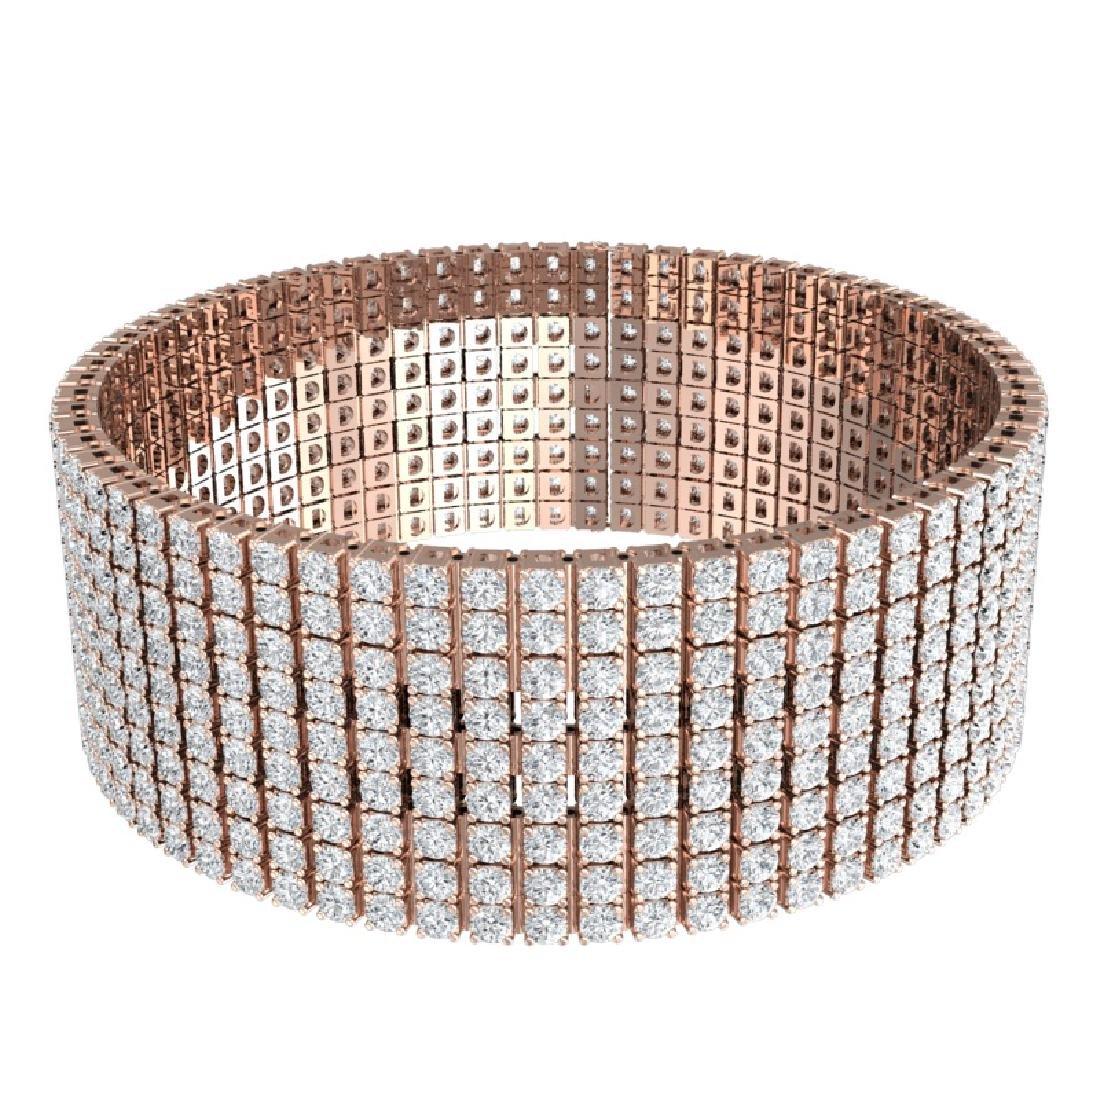 40 CTW Certified VS/SI Diamond Bracelet 18K Rose Gold - 3